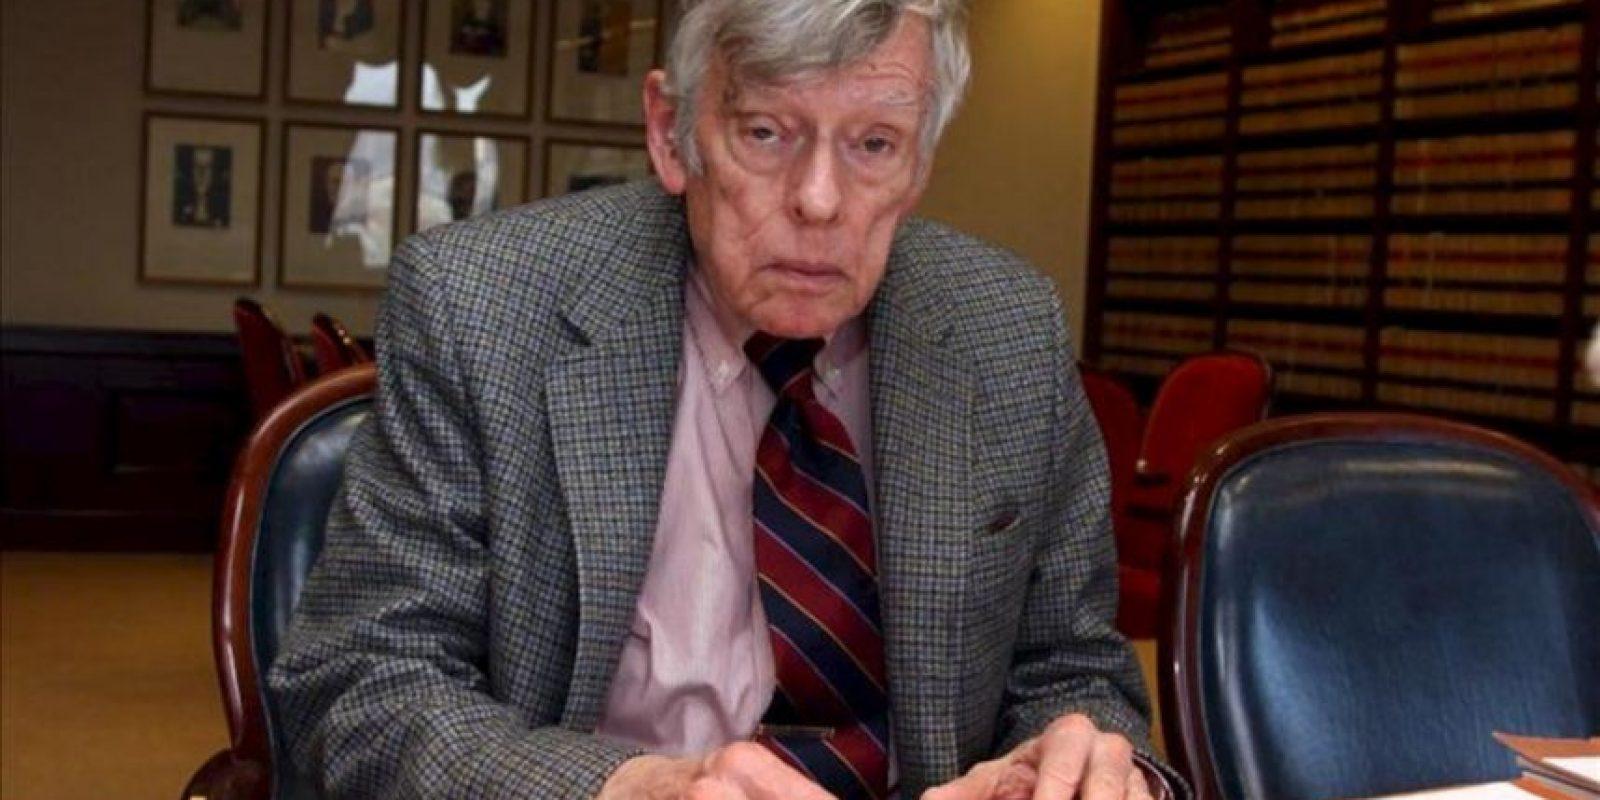 En la imagen, el juez Thomas Griesa. EFE/Archivo